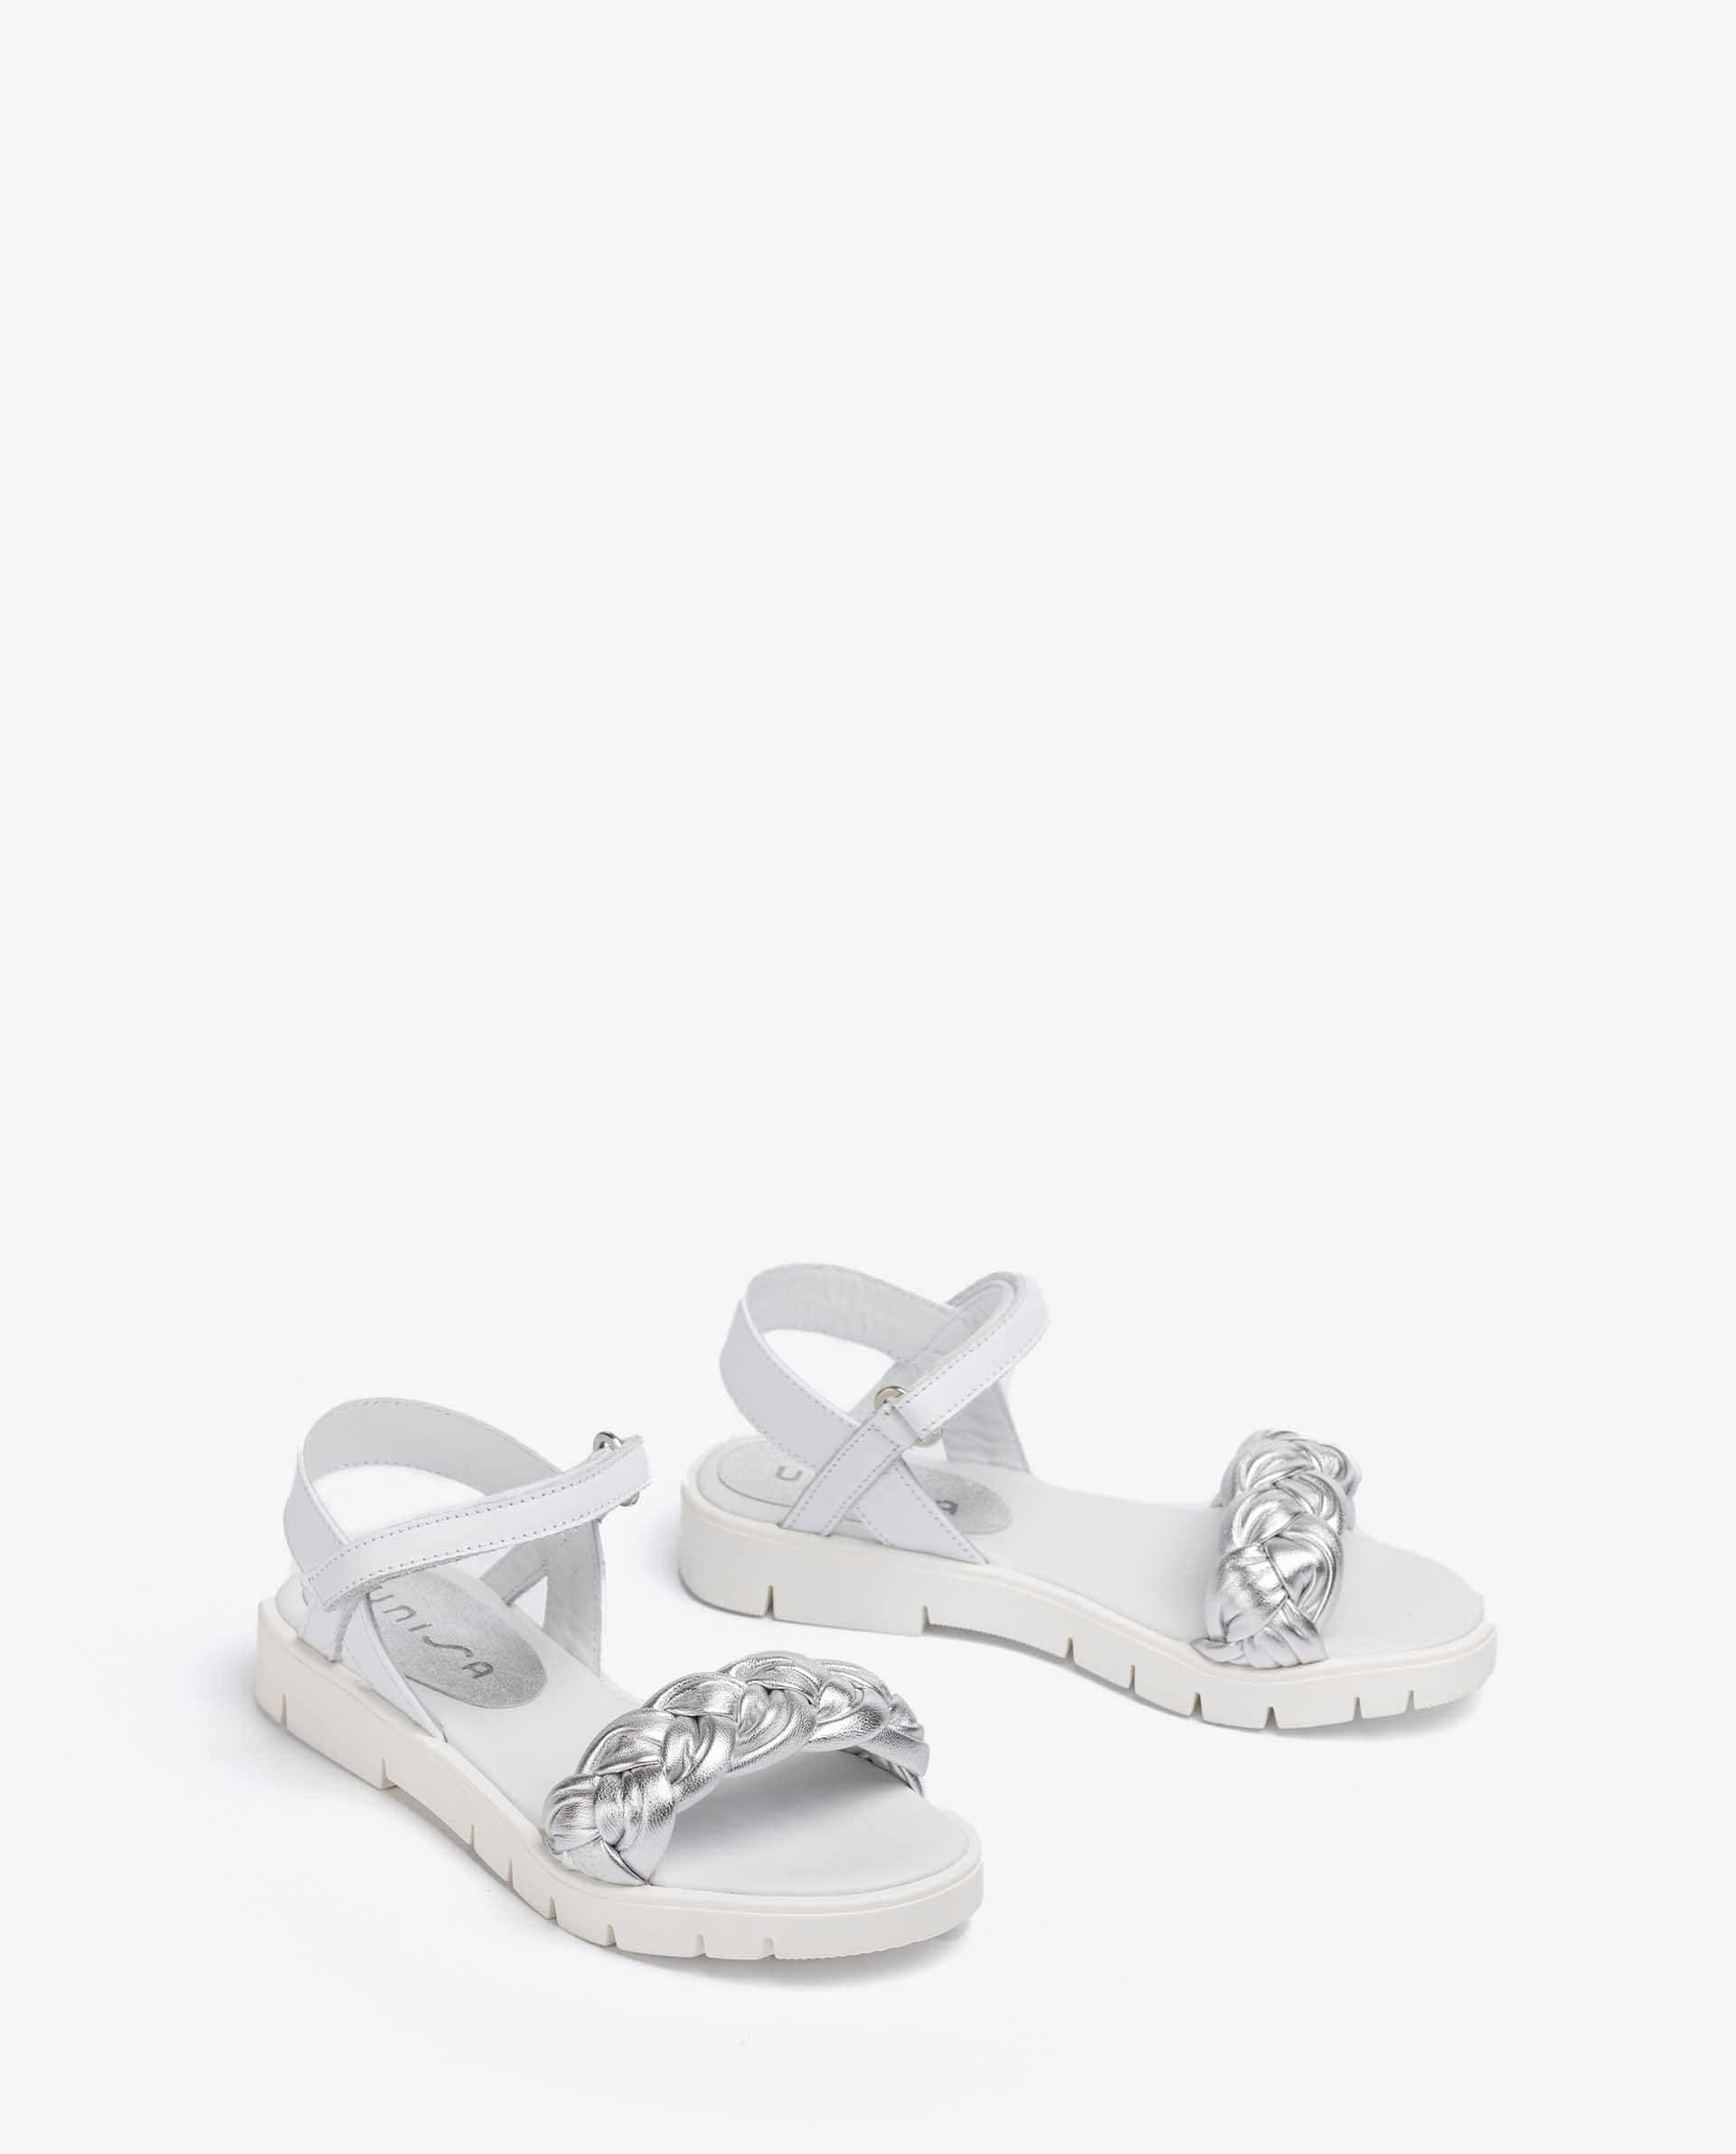 UNISA Little girl metal leather braided sandals NANSA_LMT_VA 5